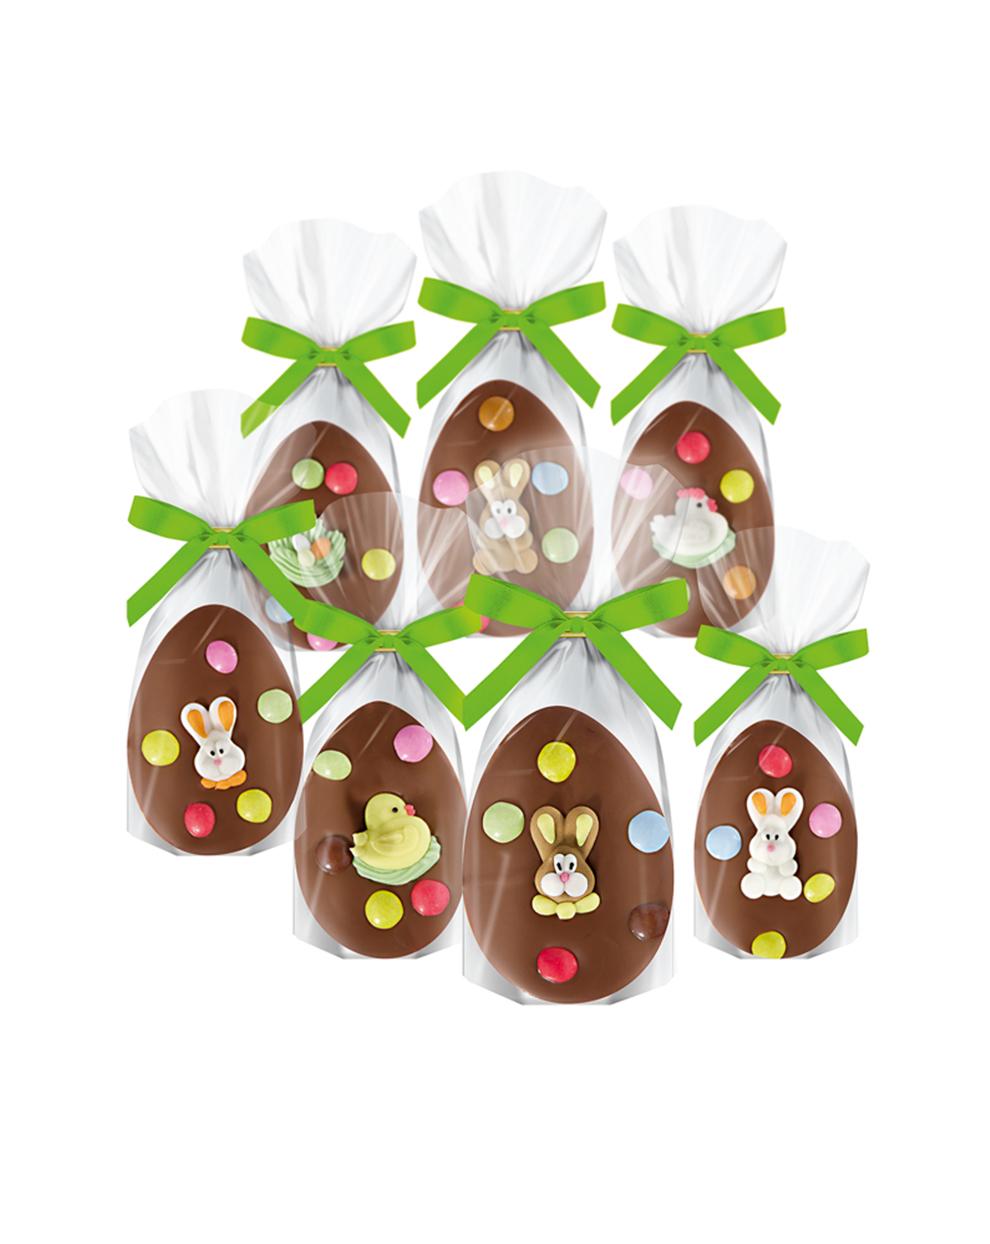 Schokoladen-Ostereier 7-fach sortiert Edelvollmilch von arko